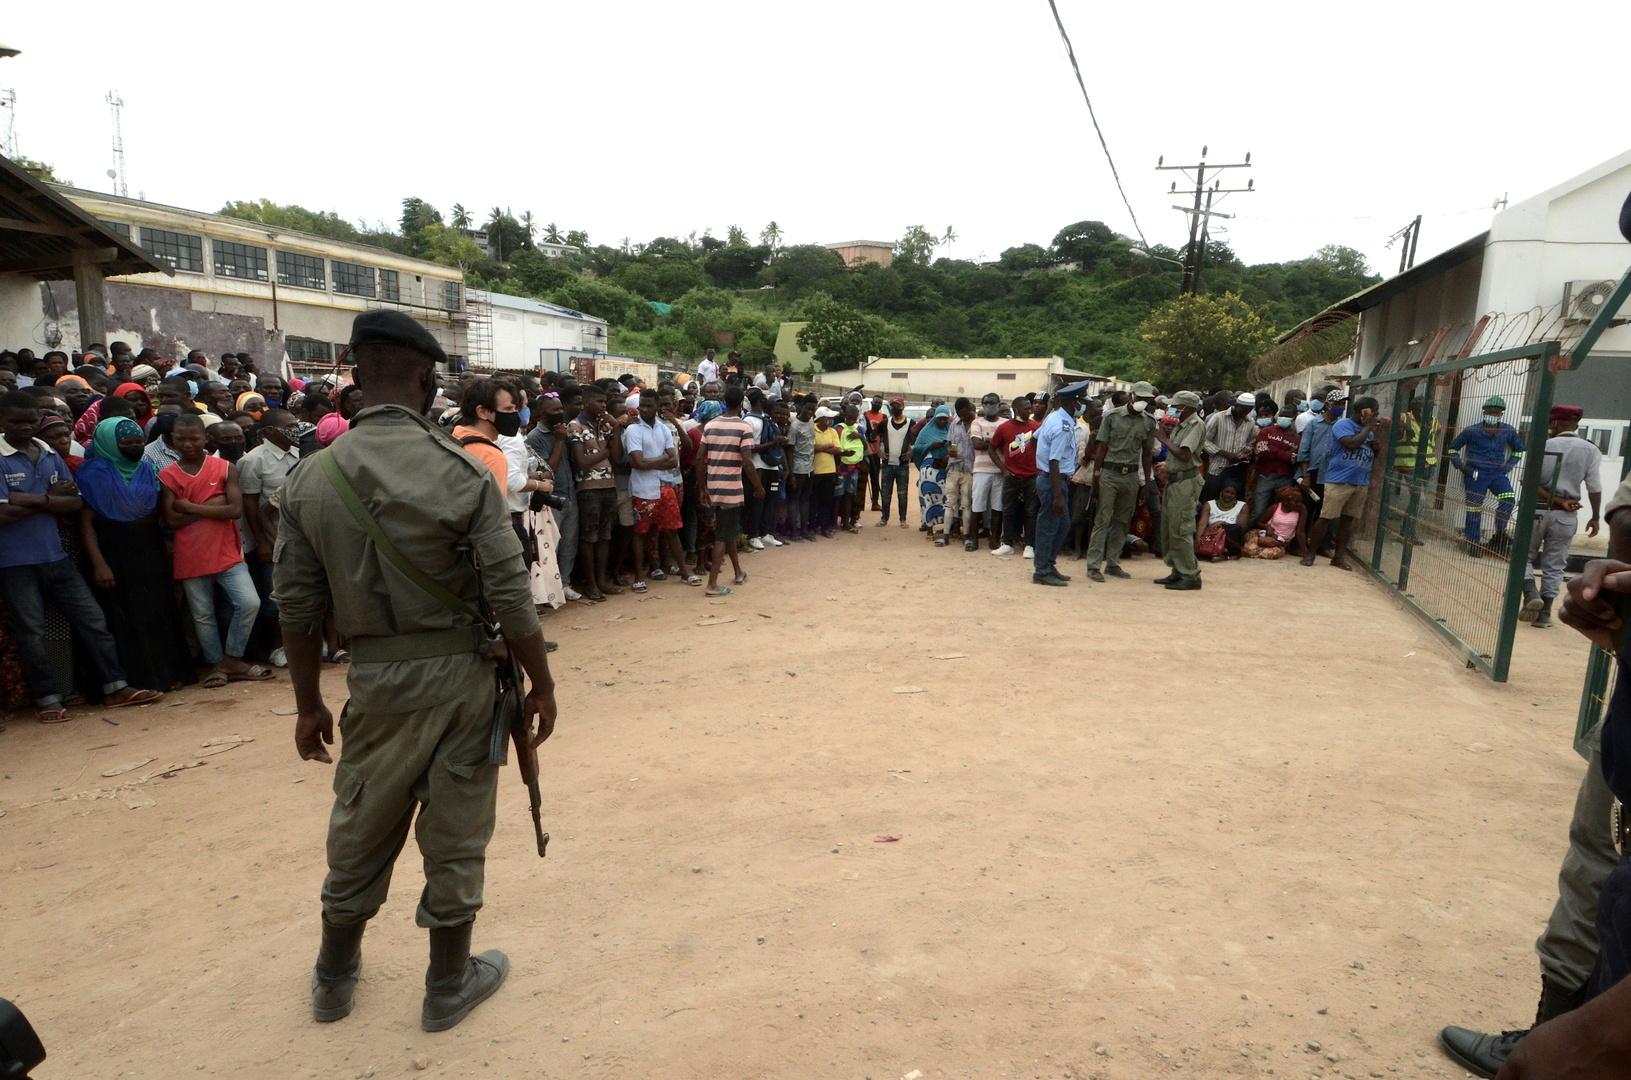 موزمبيق.. فرق طبية تعمل على تحديد هوية 12 جثة مقطوعة الرأس عقب هجوم لـ